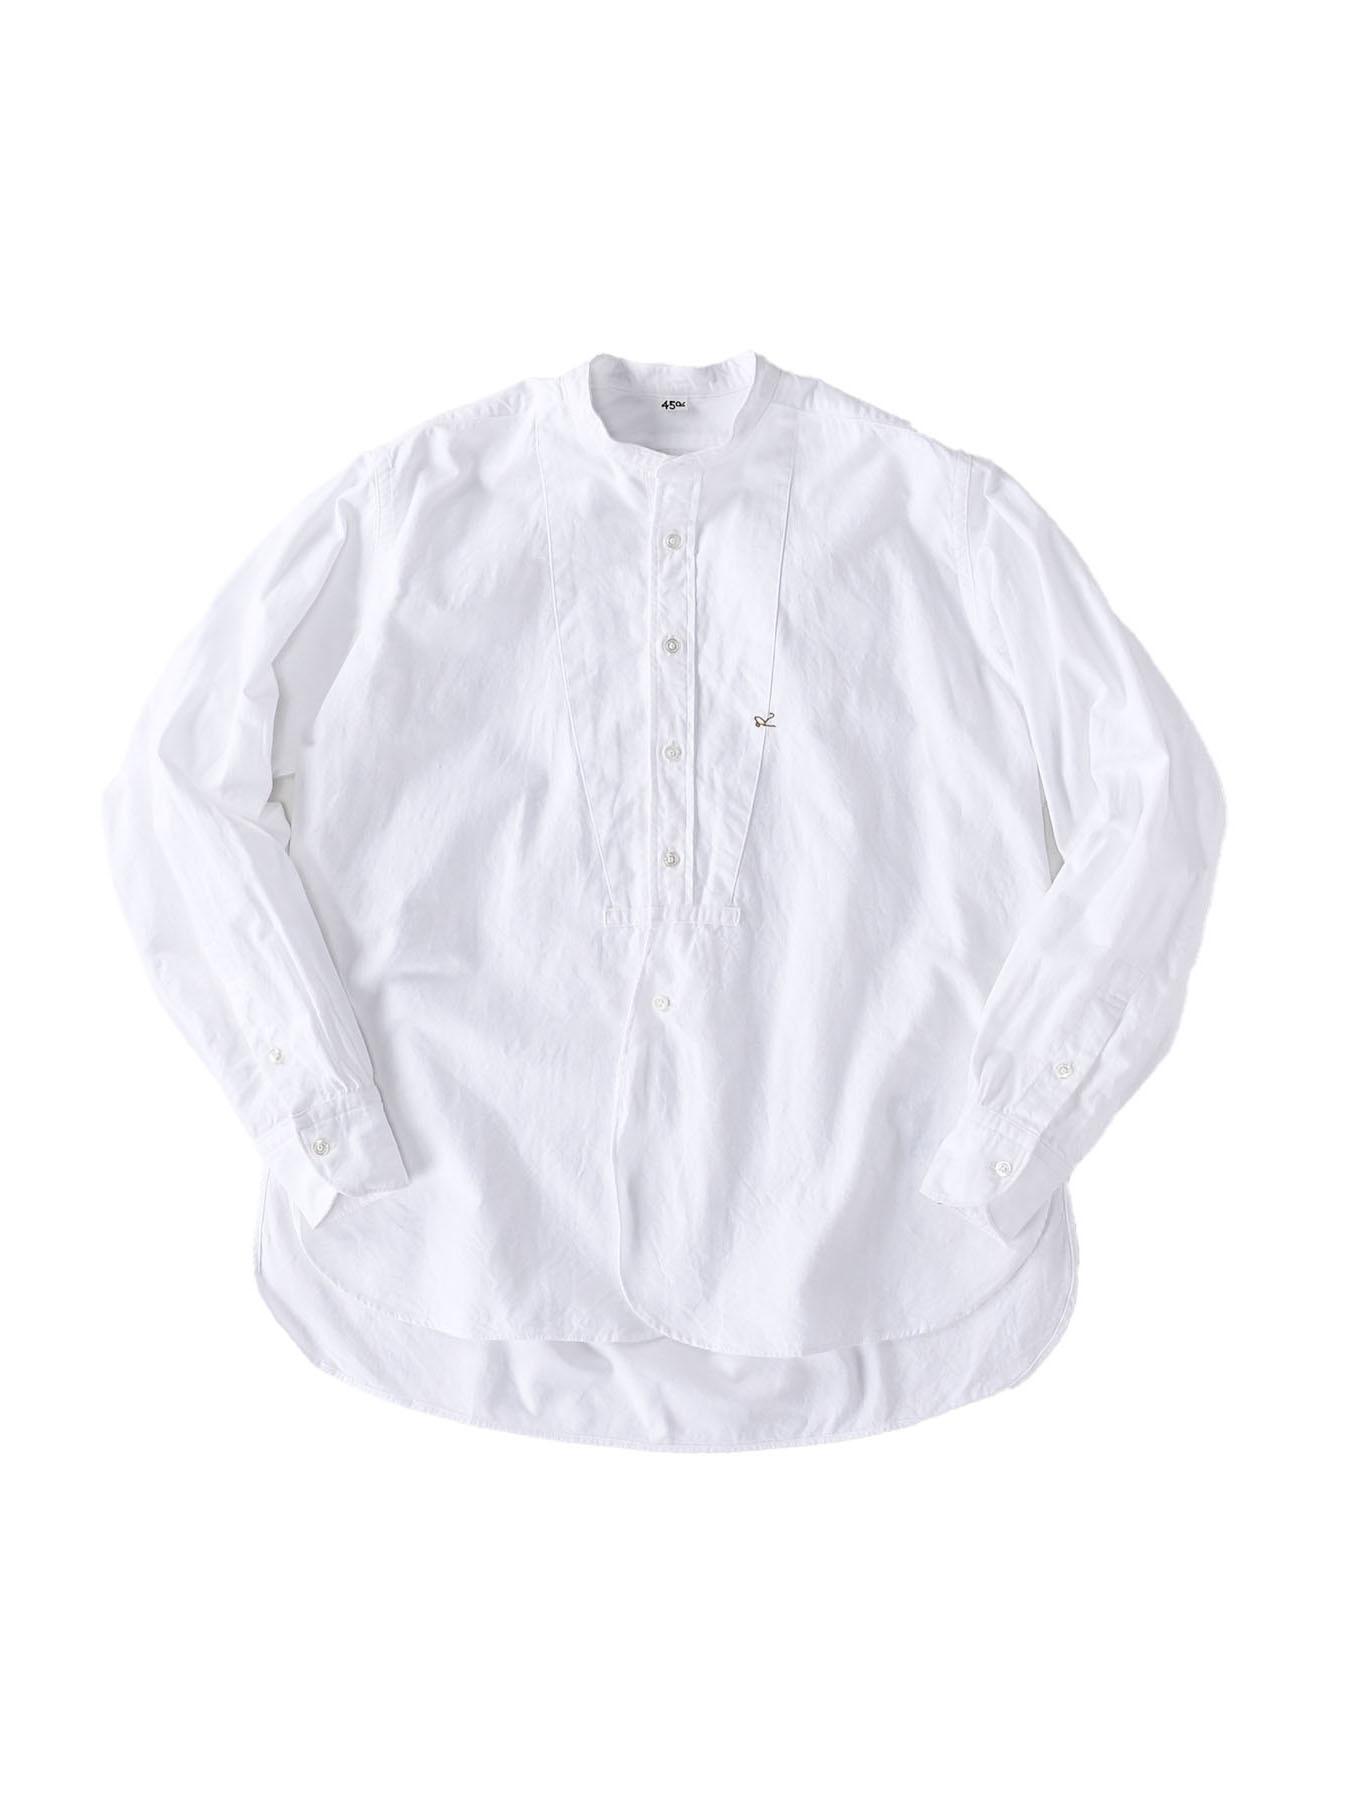 Indian Okome-hira 908 Big Googoo Shirt (0421)-1